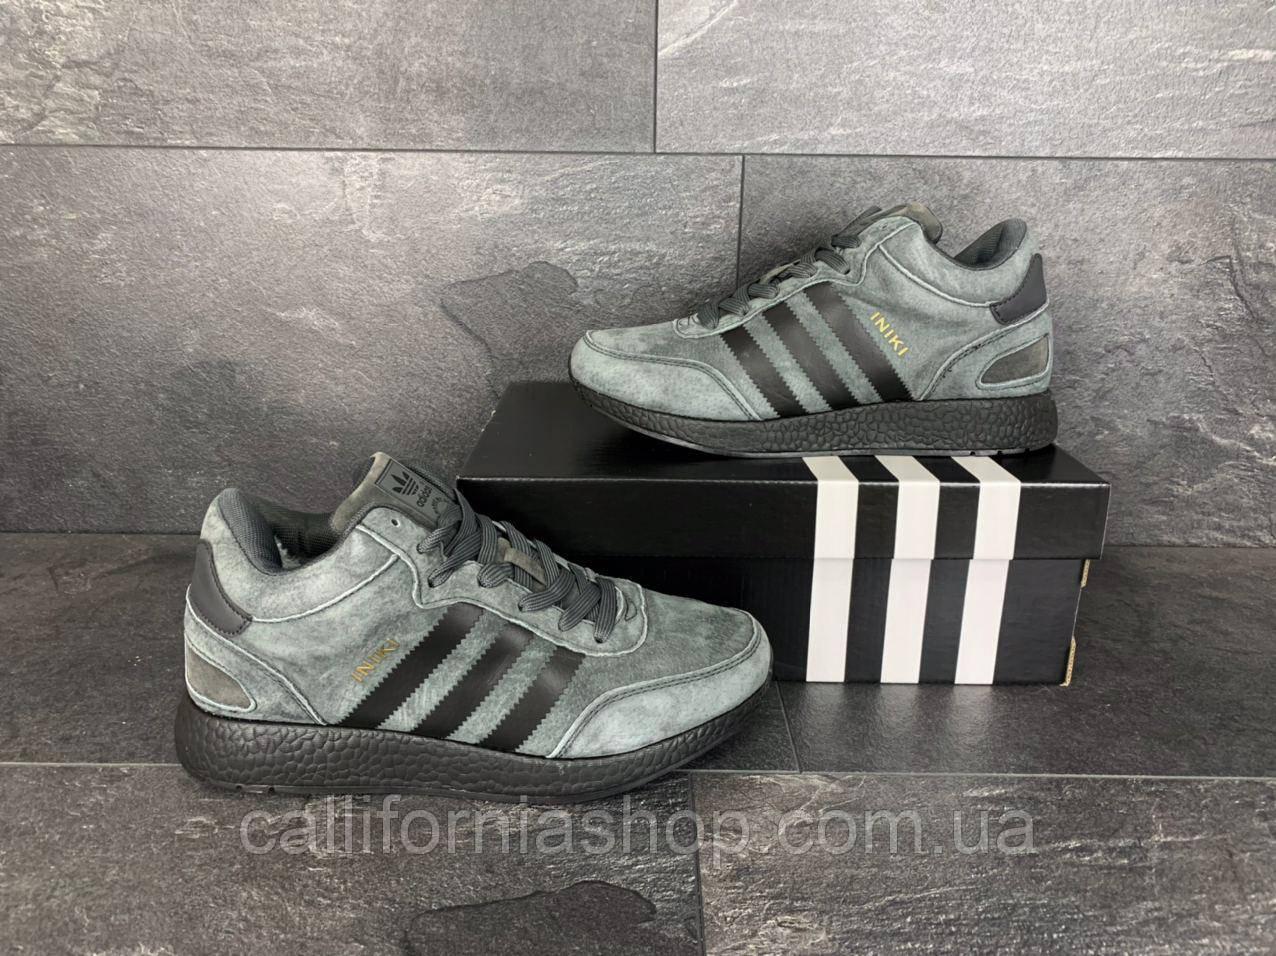 Мужские зимние кроссовки Adidas Iniki Адидас Иники  кожаные на меху цвет темно-серый